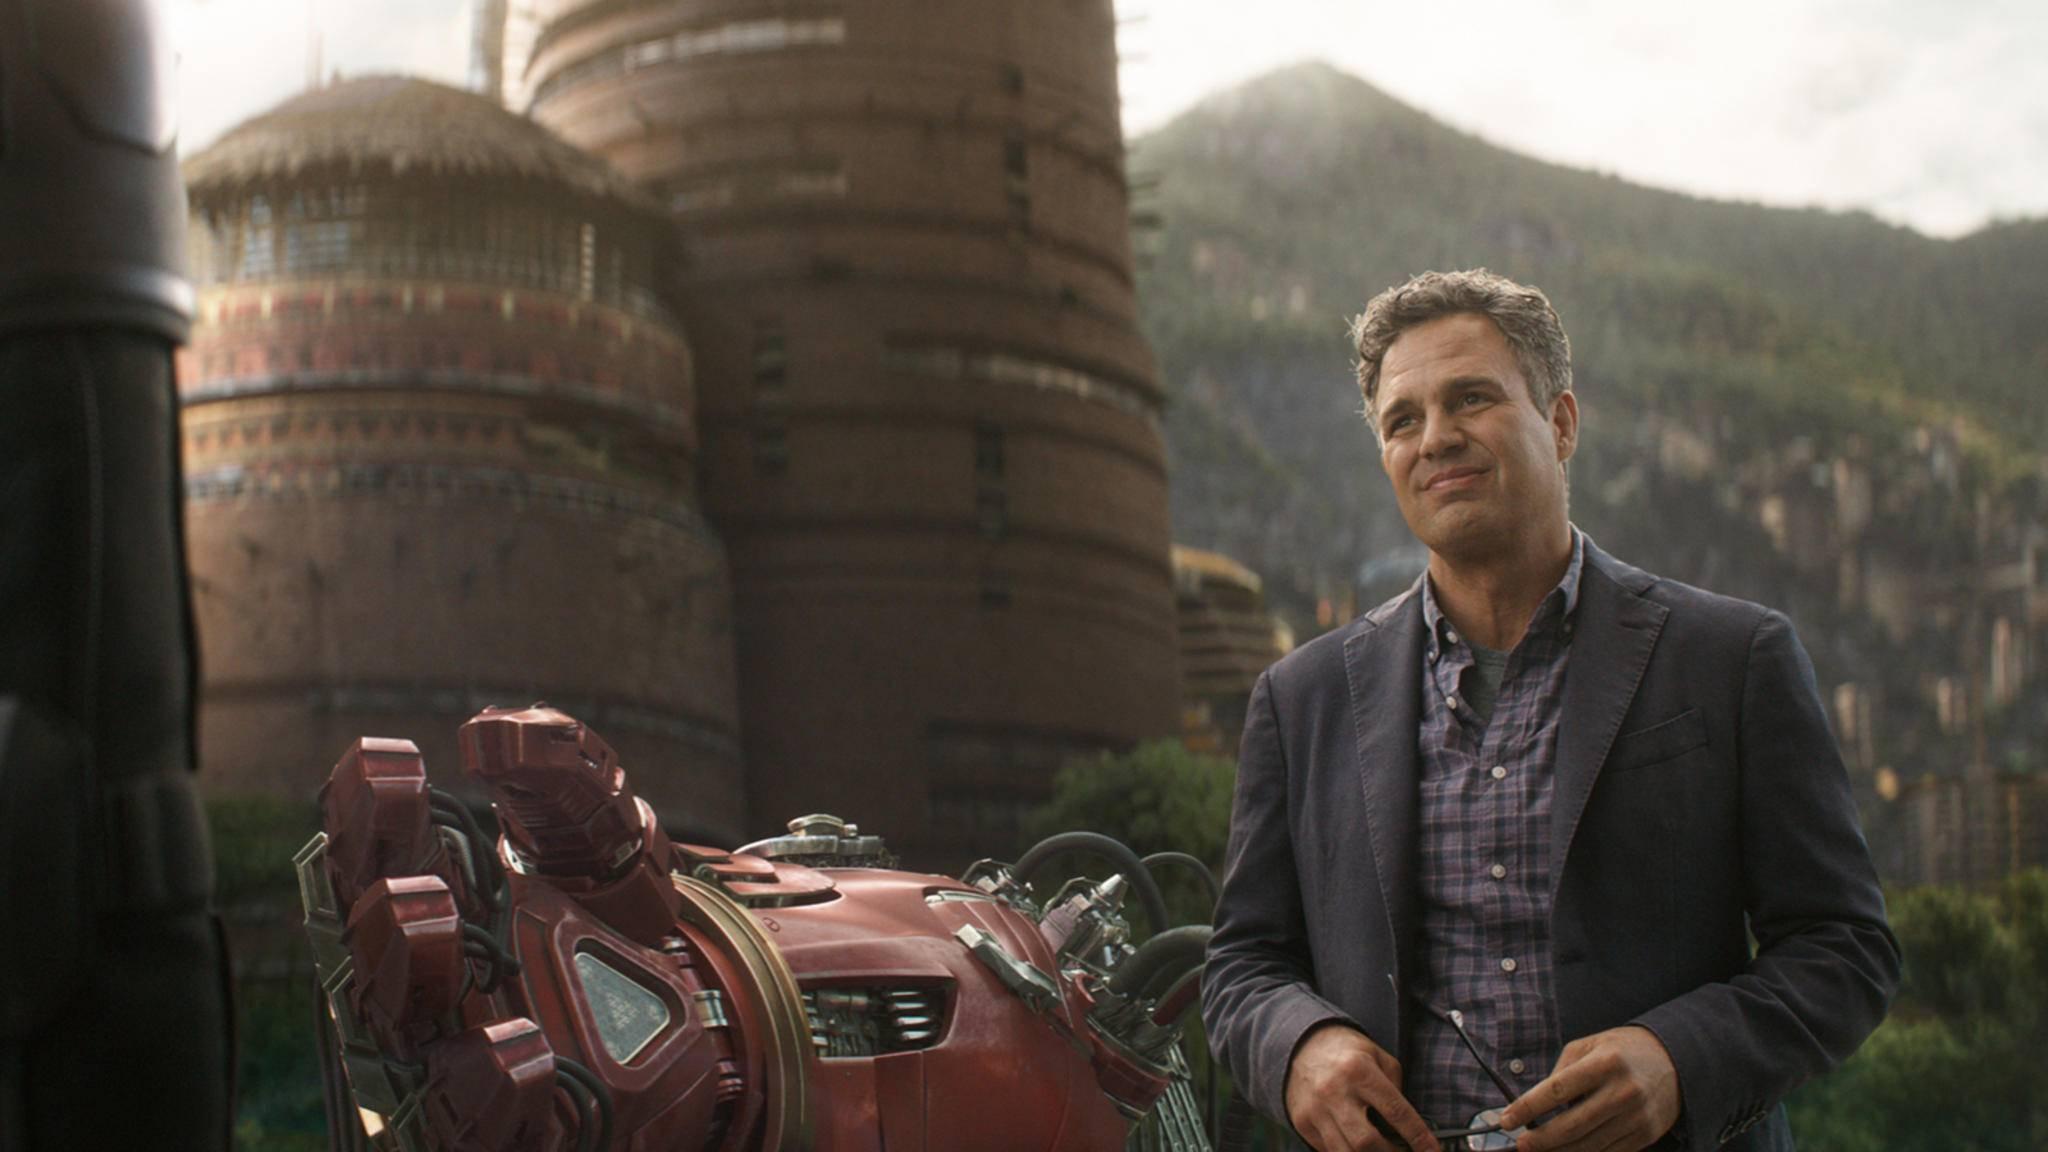 Seine Paraderolle: Mark Ruffalo als Bruce Banner alias der grüne Wüterich Hulk.